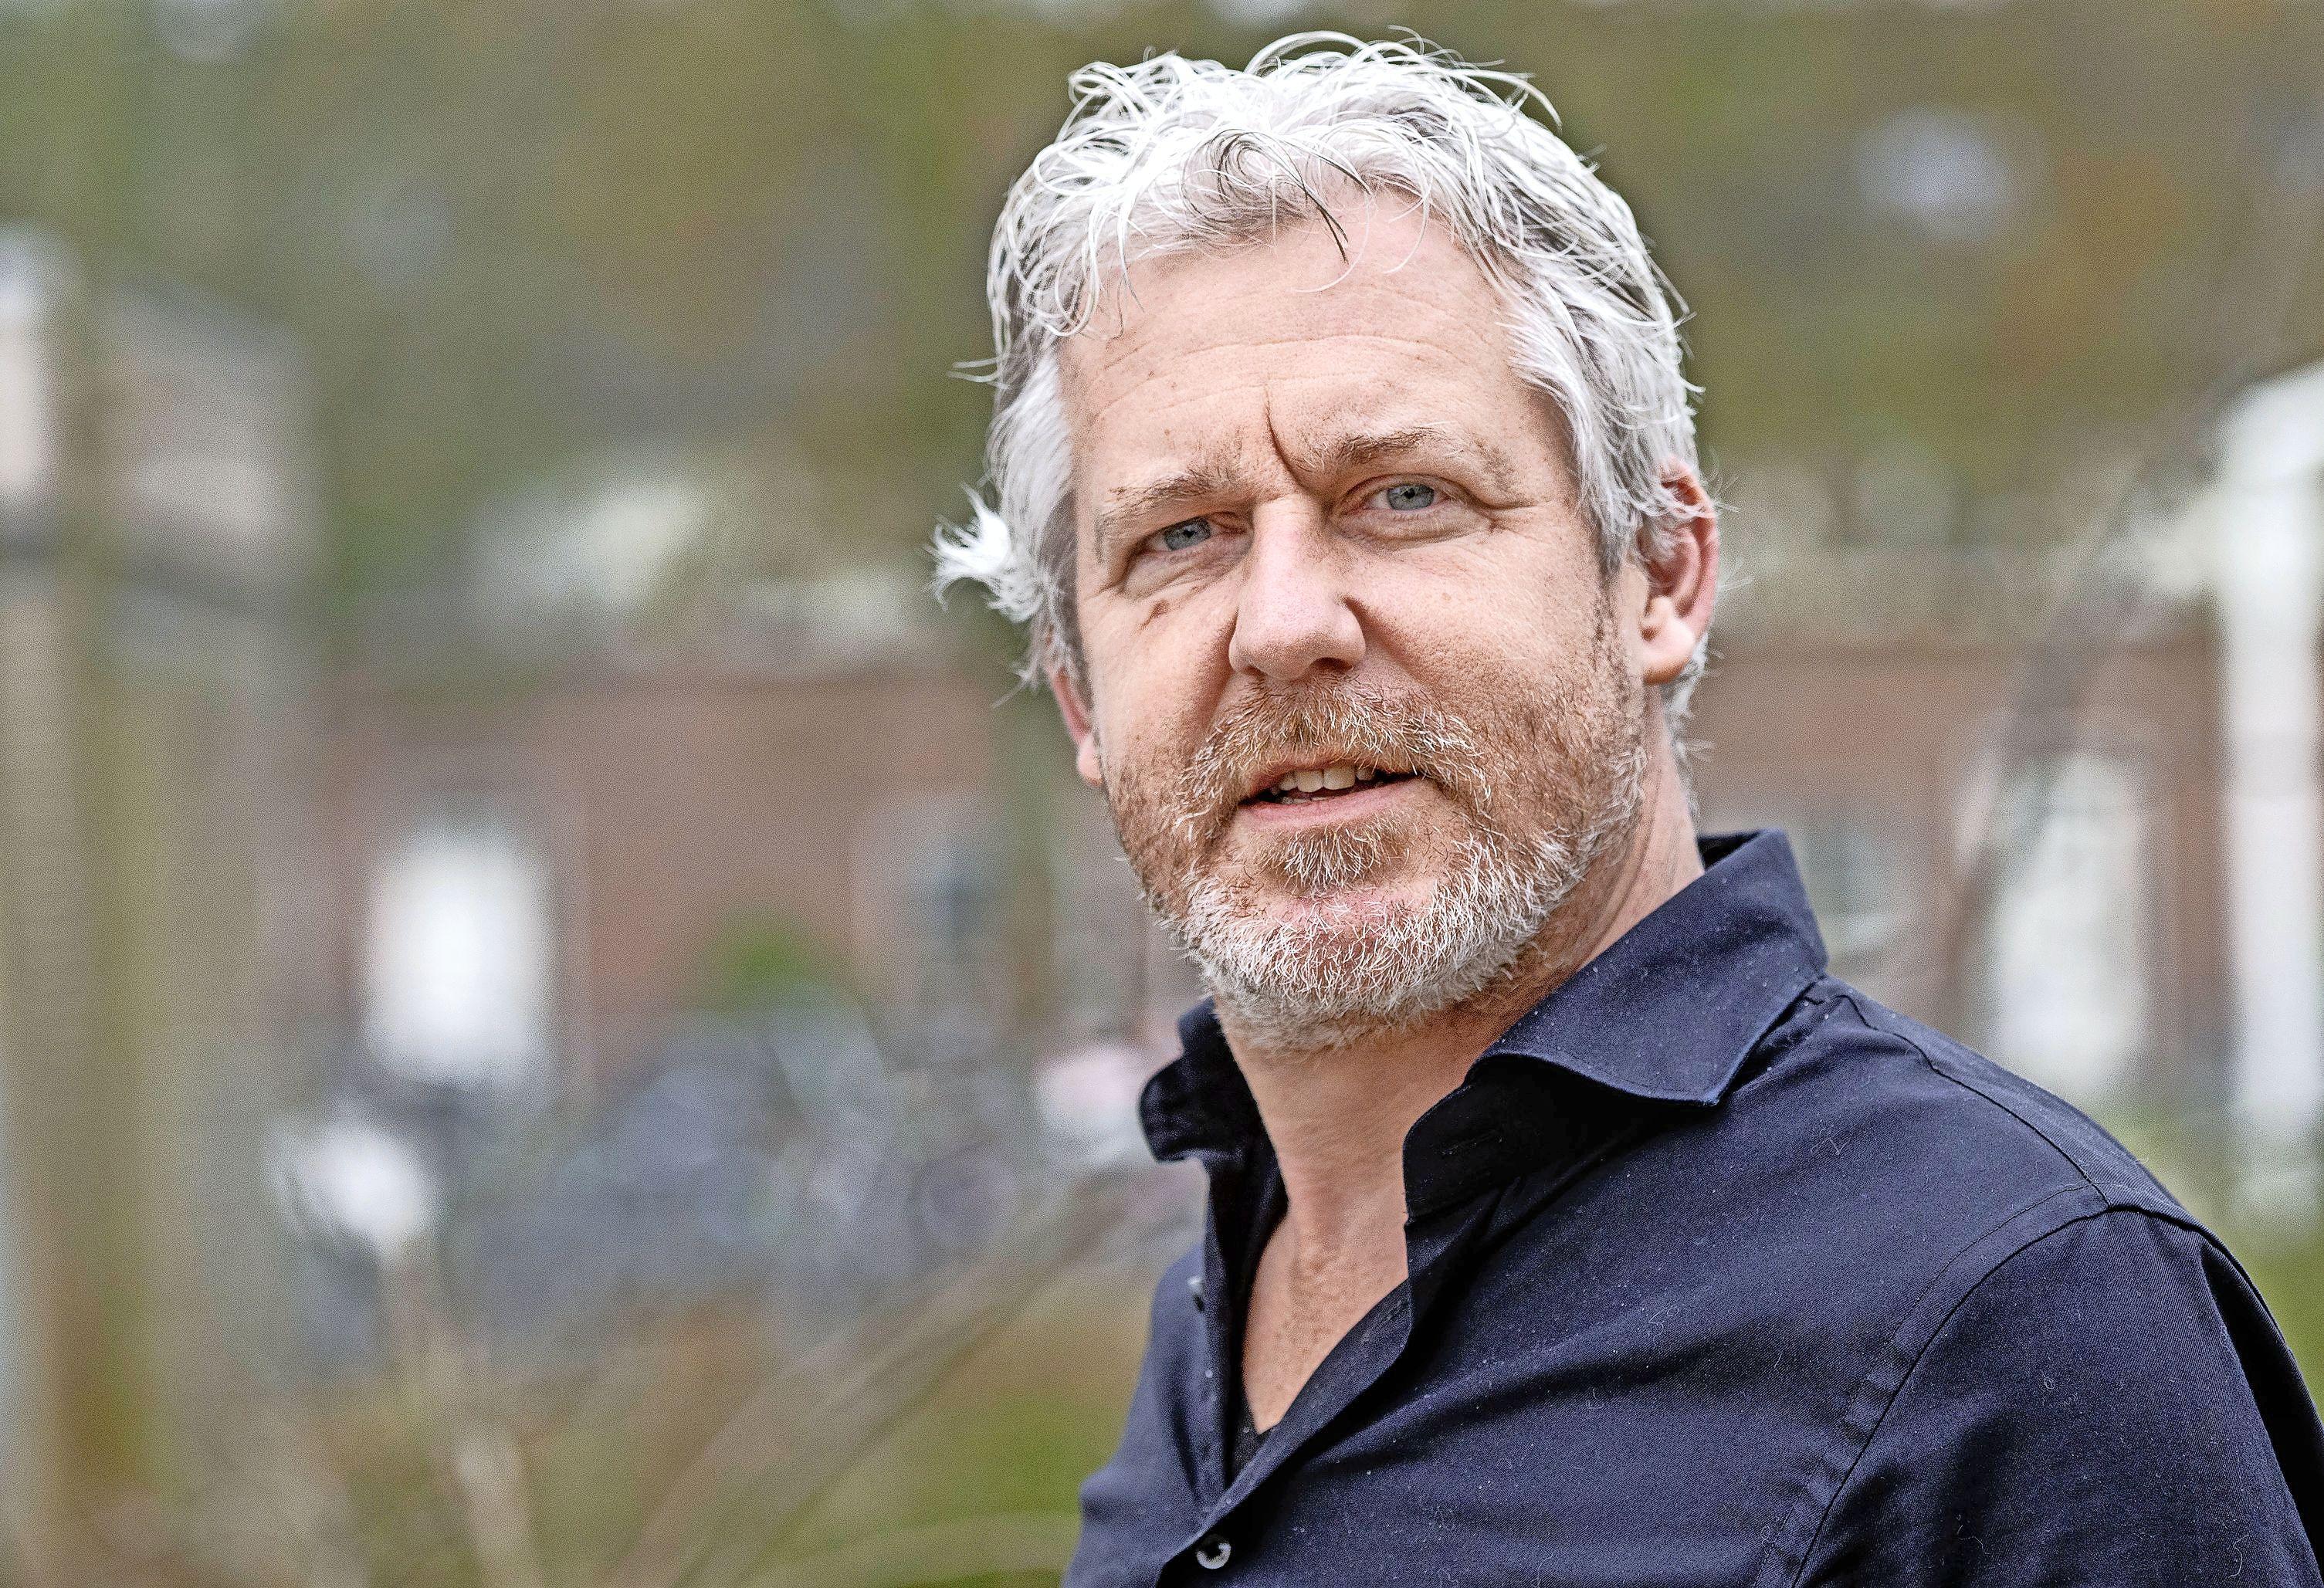 Schooldirecteur Egbert de Jong uit Haarlem gaat voor een partij met socialistische inslag